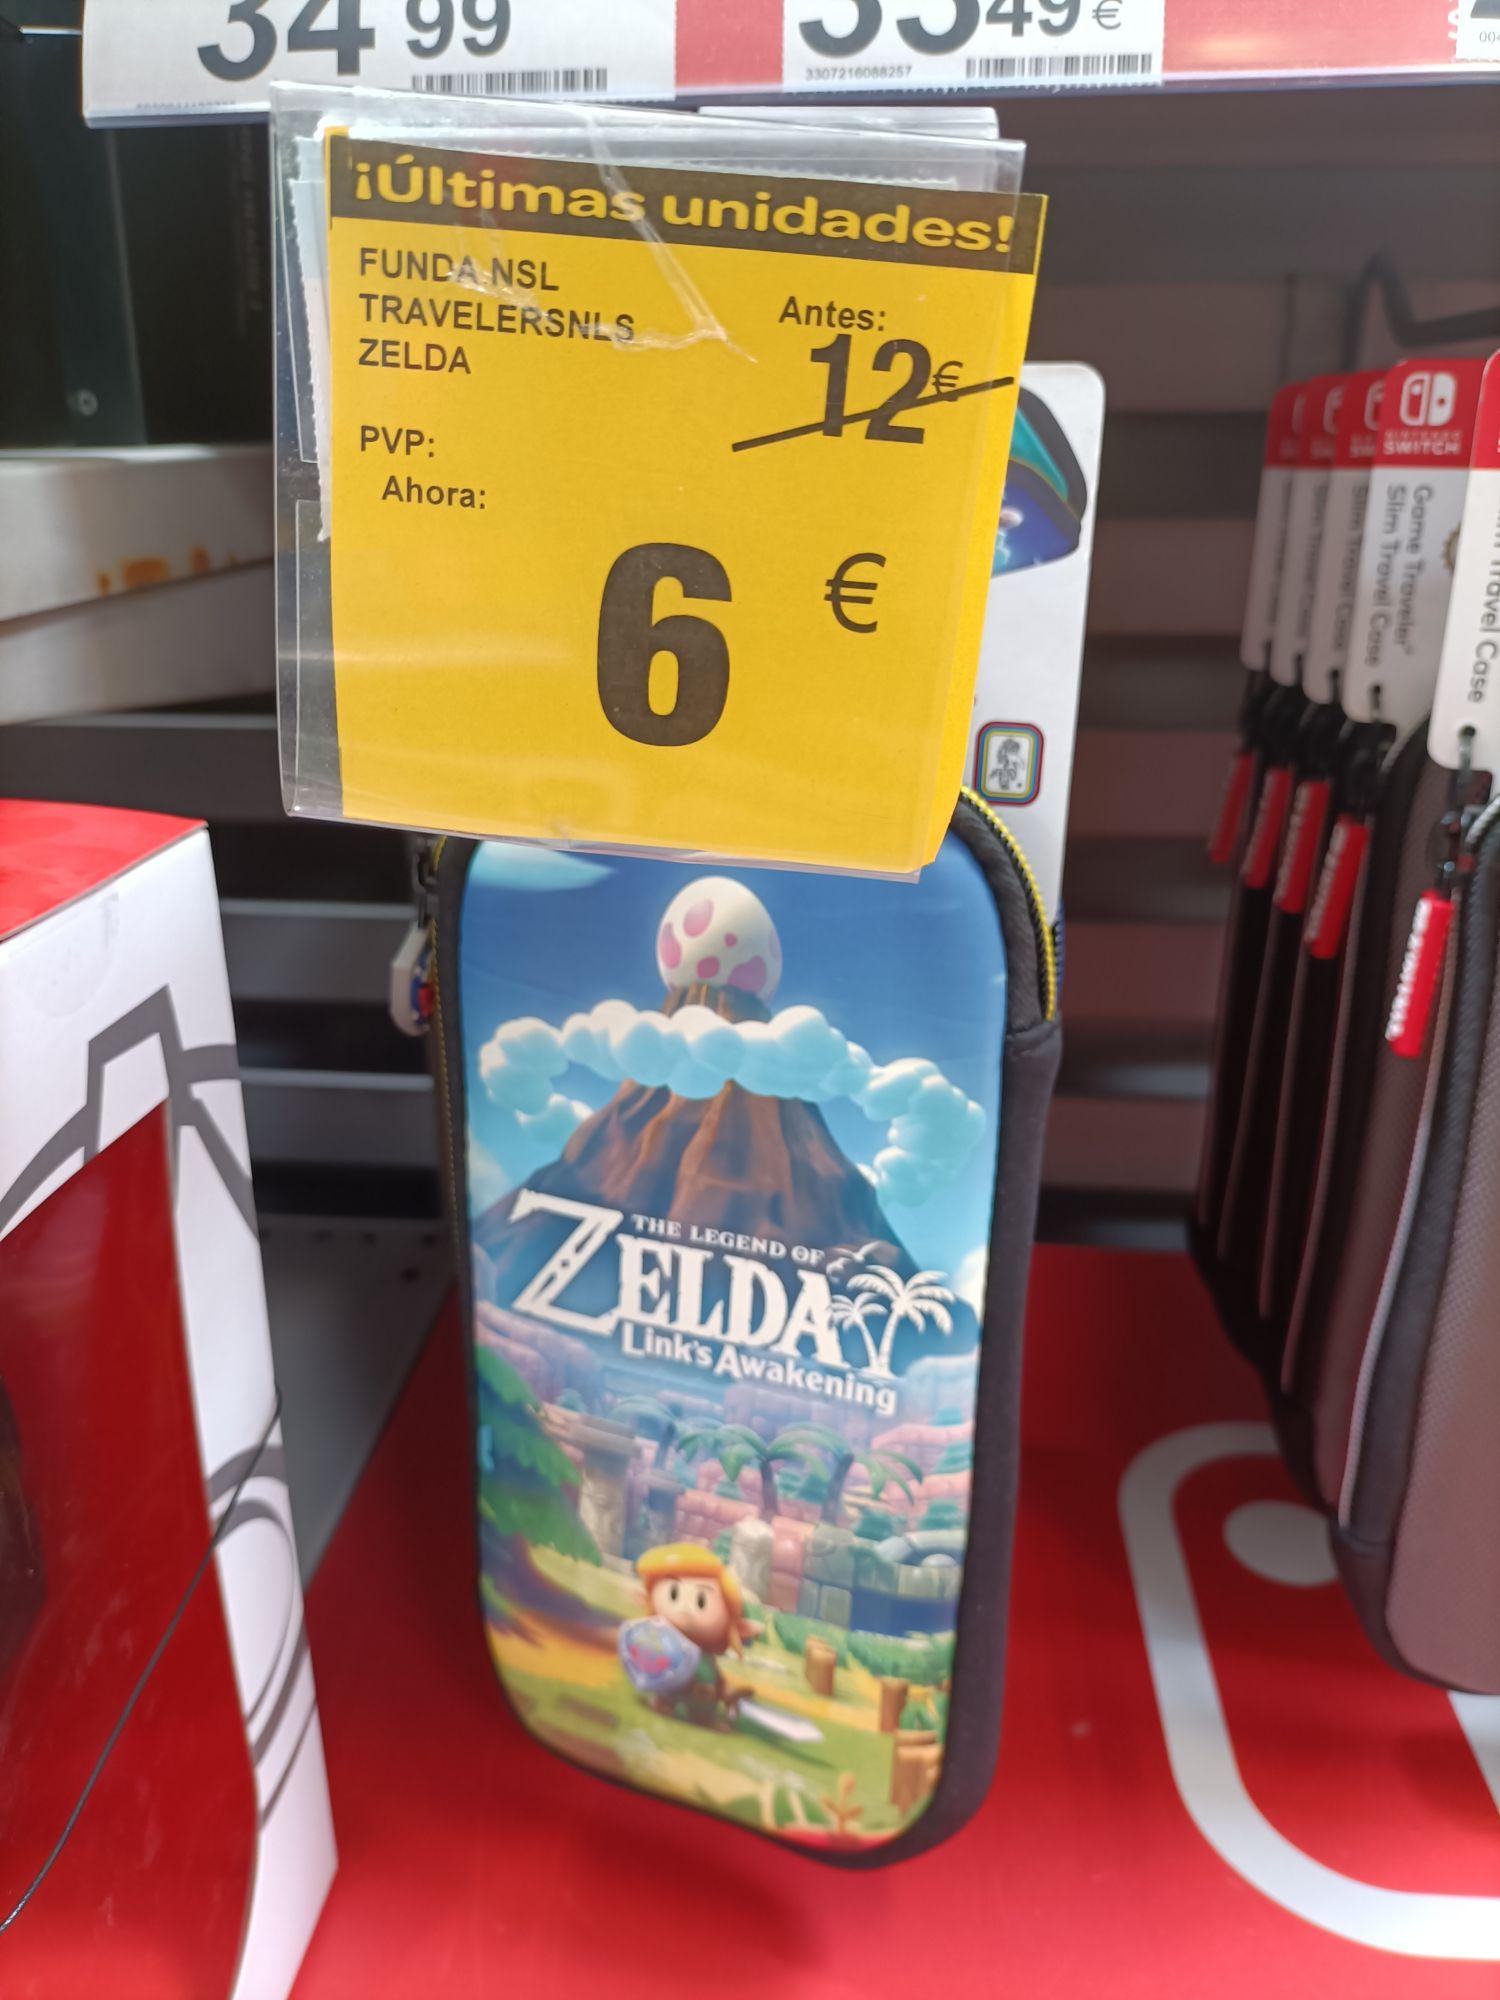 Fundas Nintendo Switch Zelda o Mario a 6€ (Carrefour Nassica)